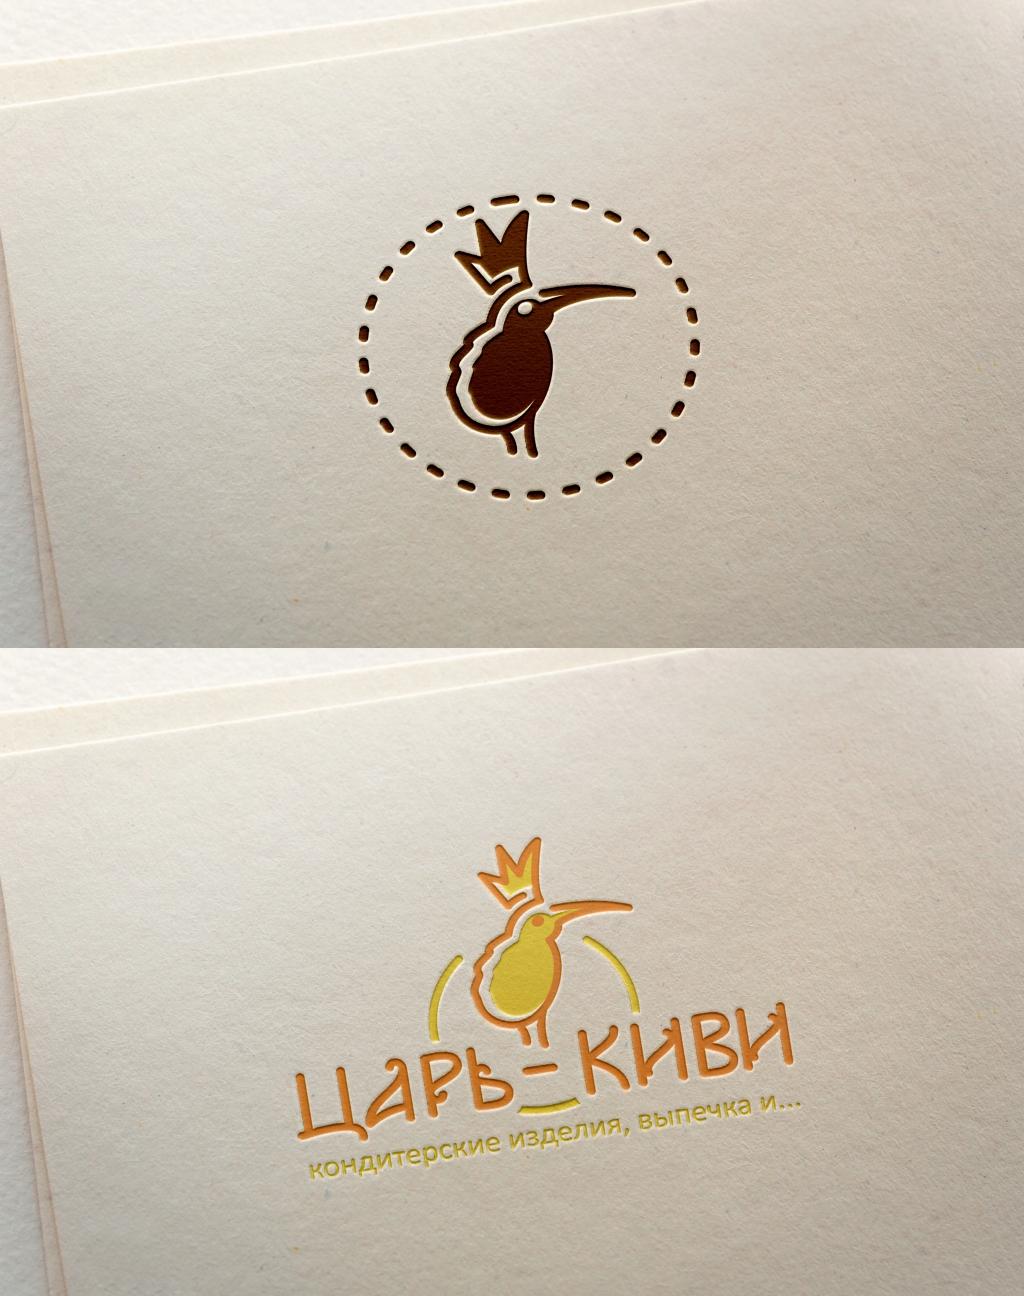 """Доработать дизайн логотипа кафе-кондитерской """"Царь-Киви"""" фото f_3255a0489f358cd8.jpg"""